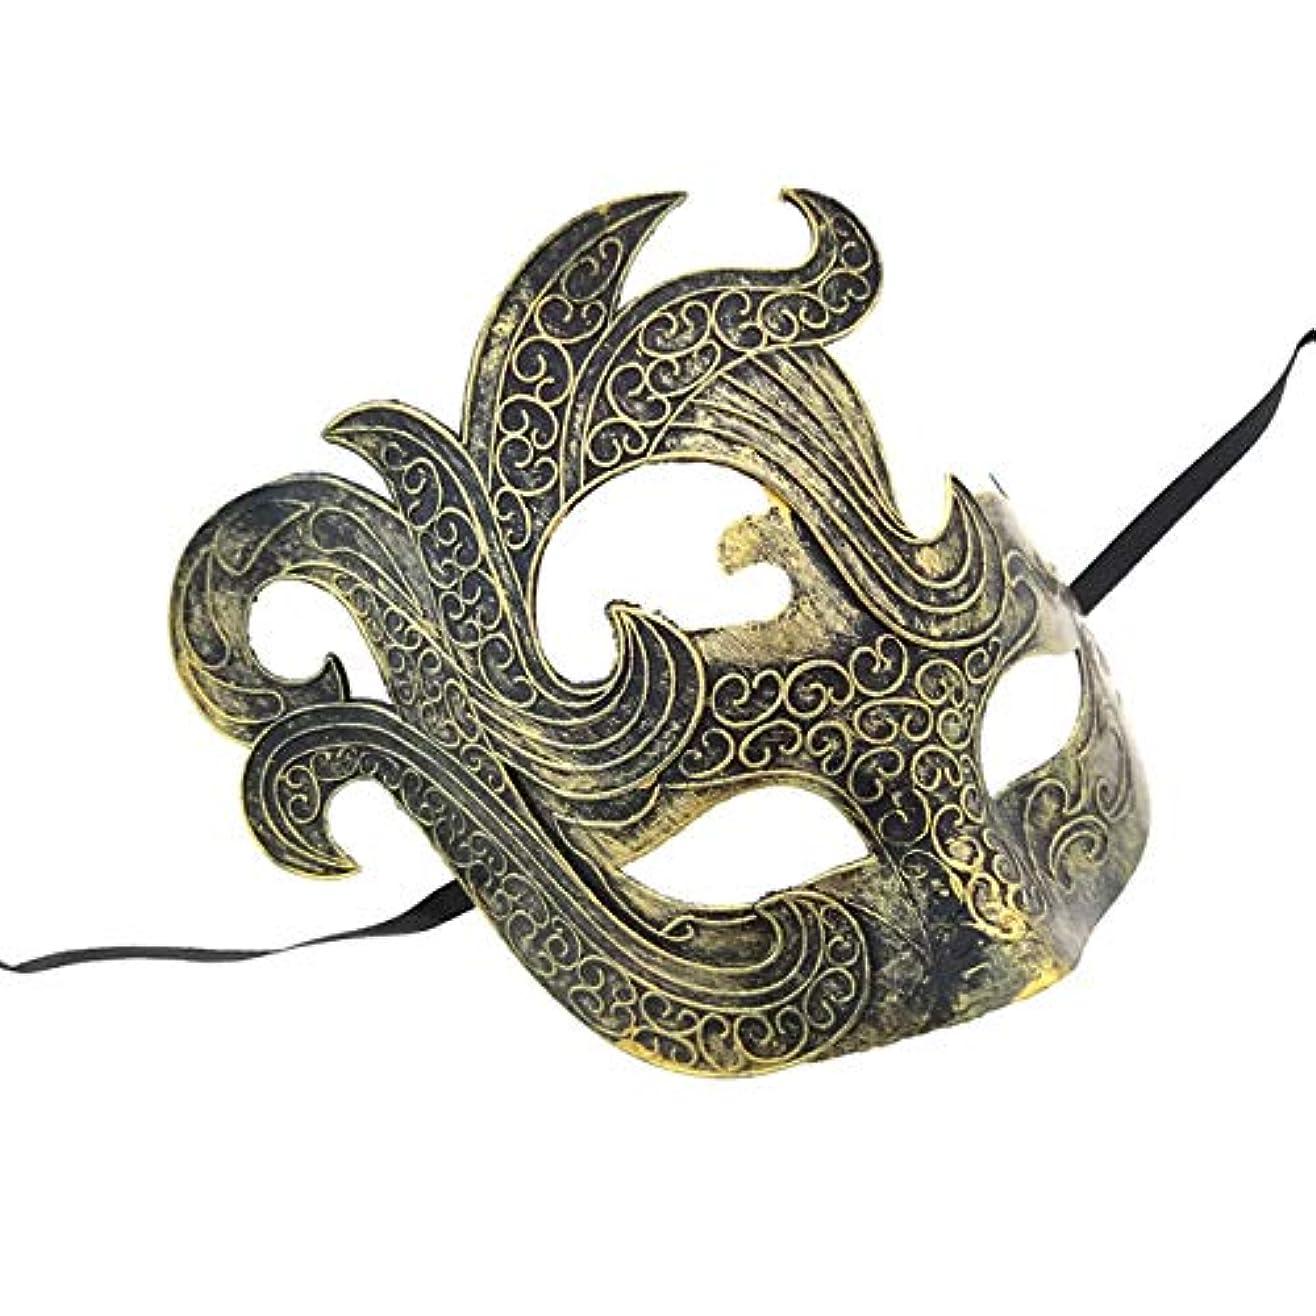 頑固な困ったとらえどころのないレトロマスクプリンセスマスクカーニバル祭りパーティーレトロマスク